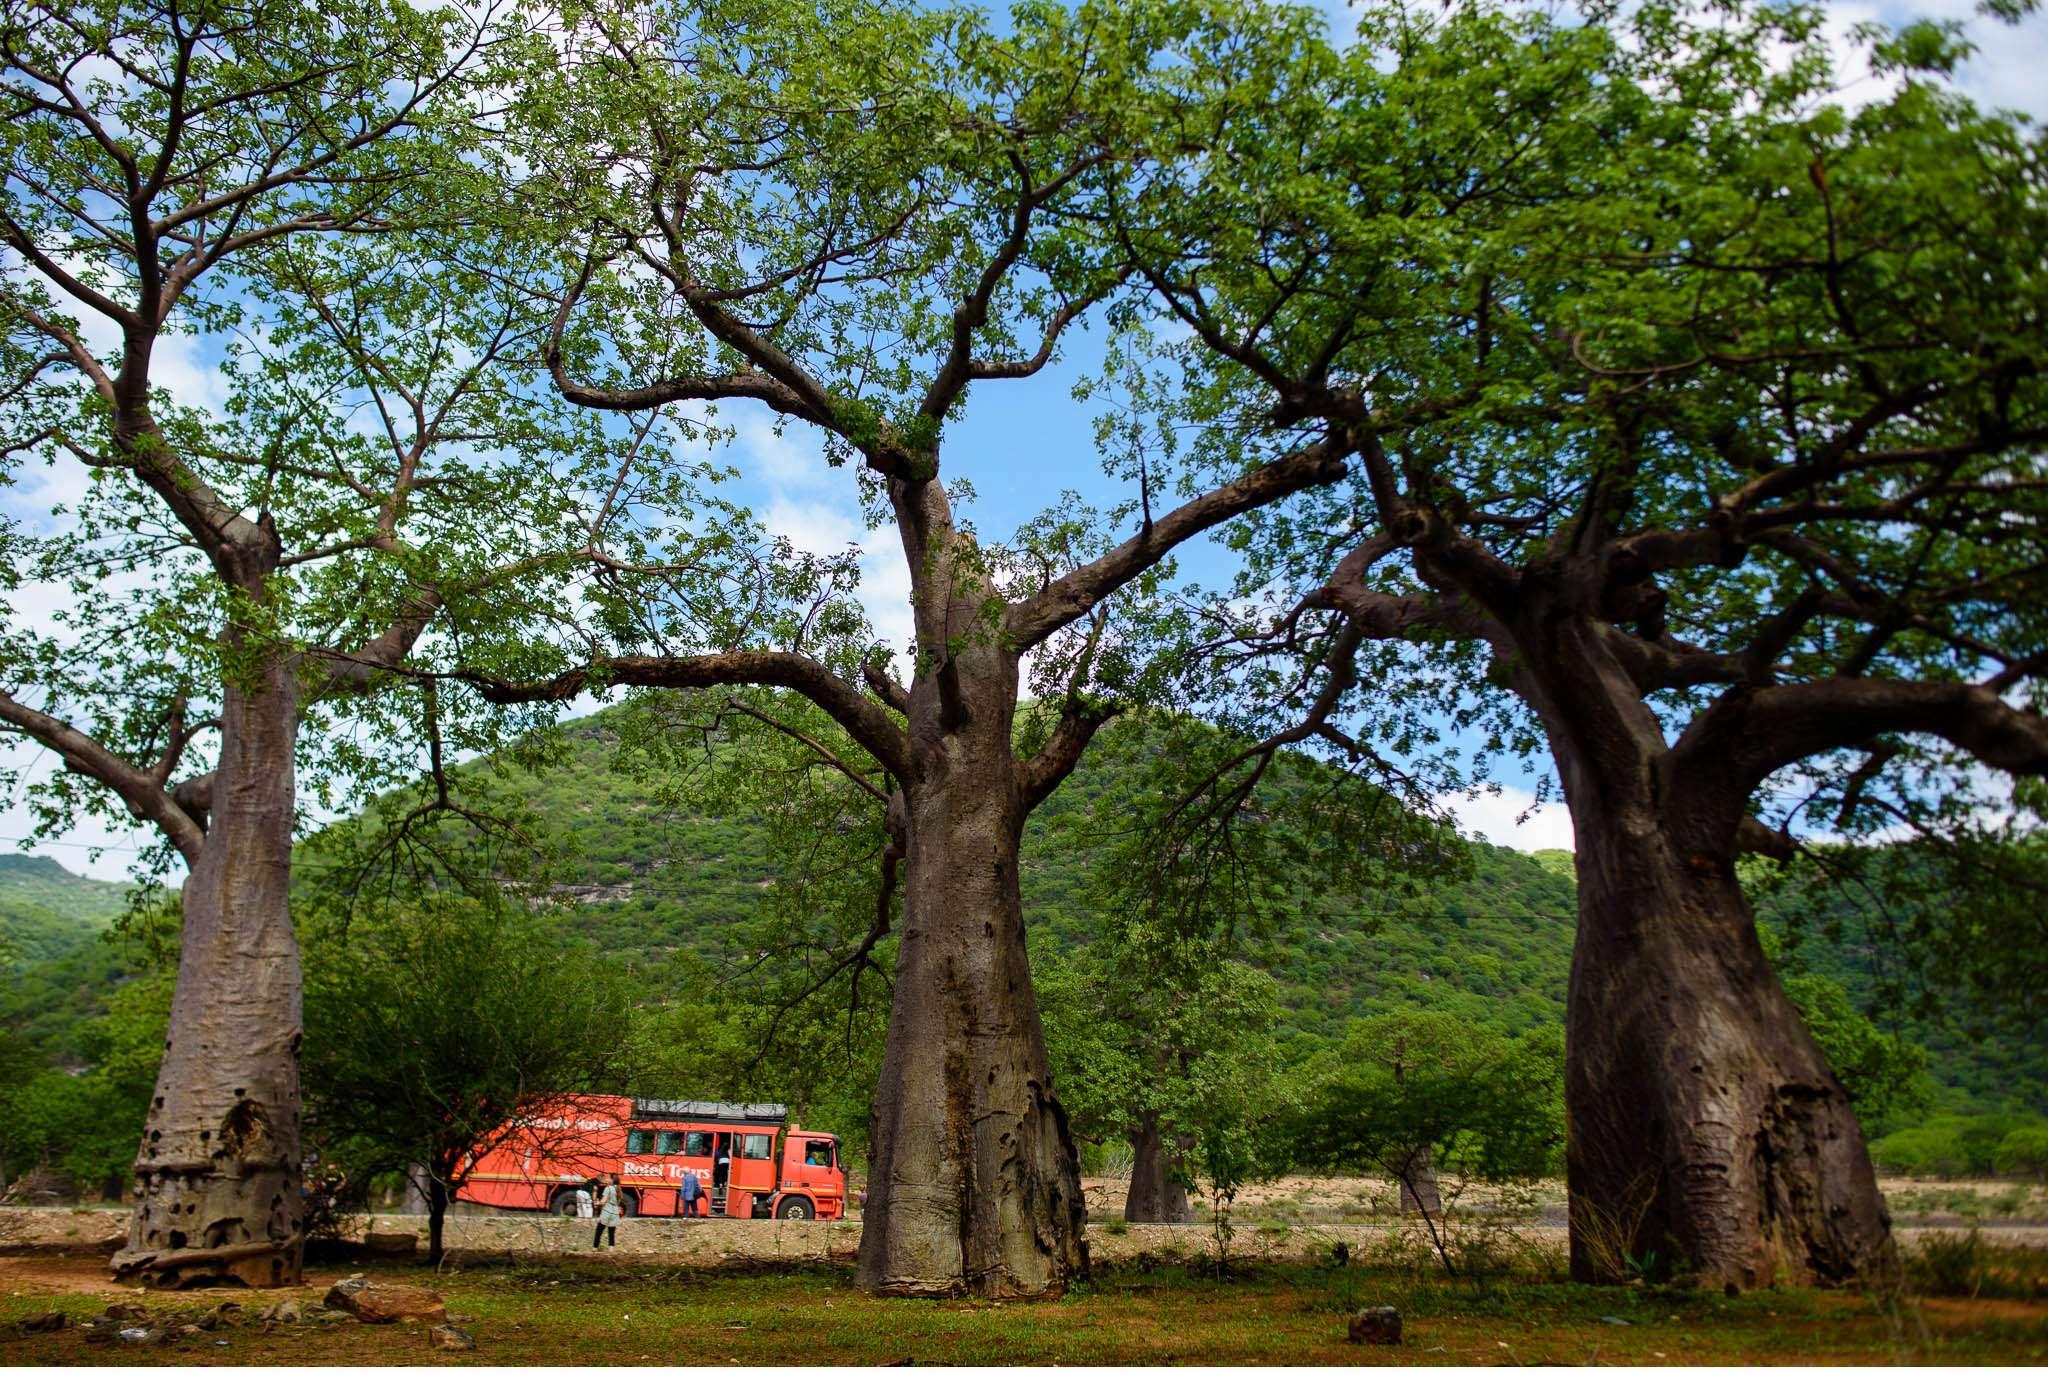 Malawi-Quer durch Afrika- Geschichten von unterwegs by Marion and Daniel-122